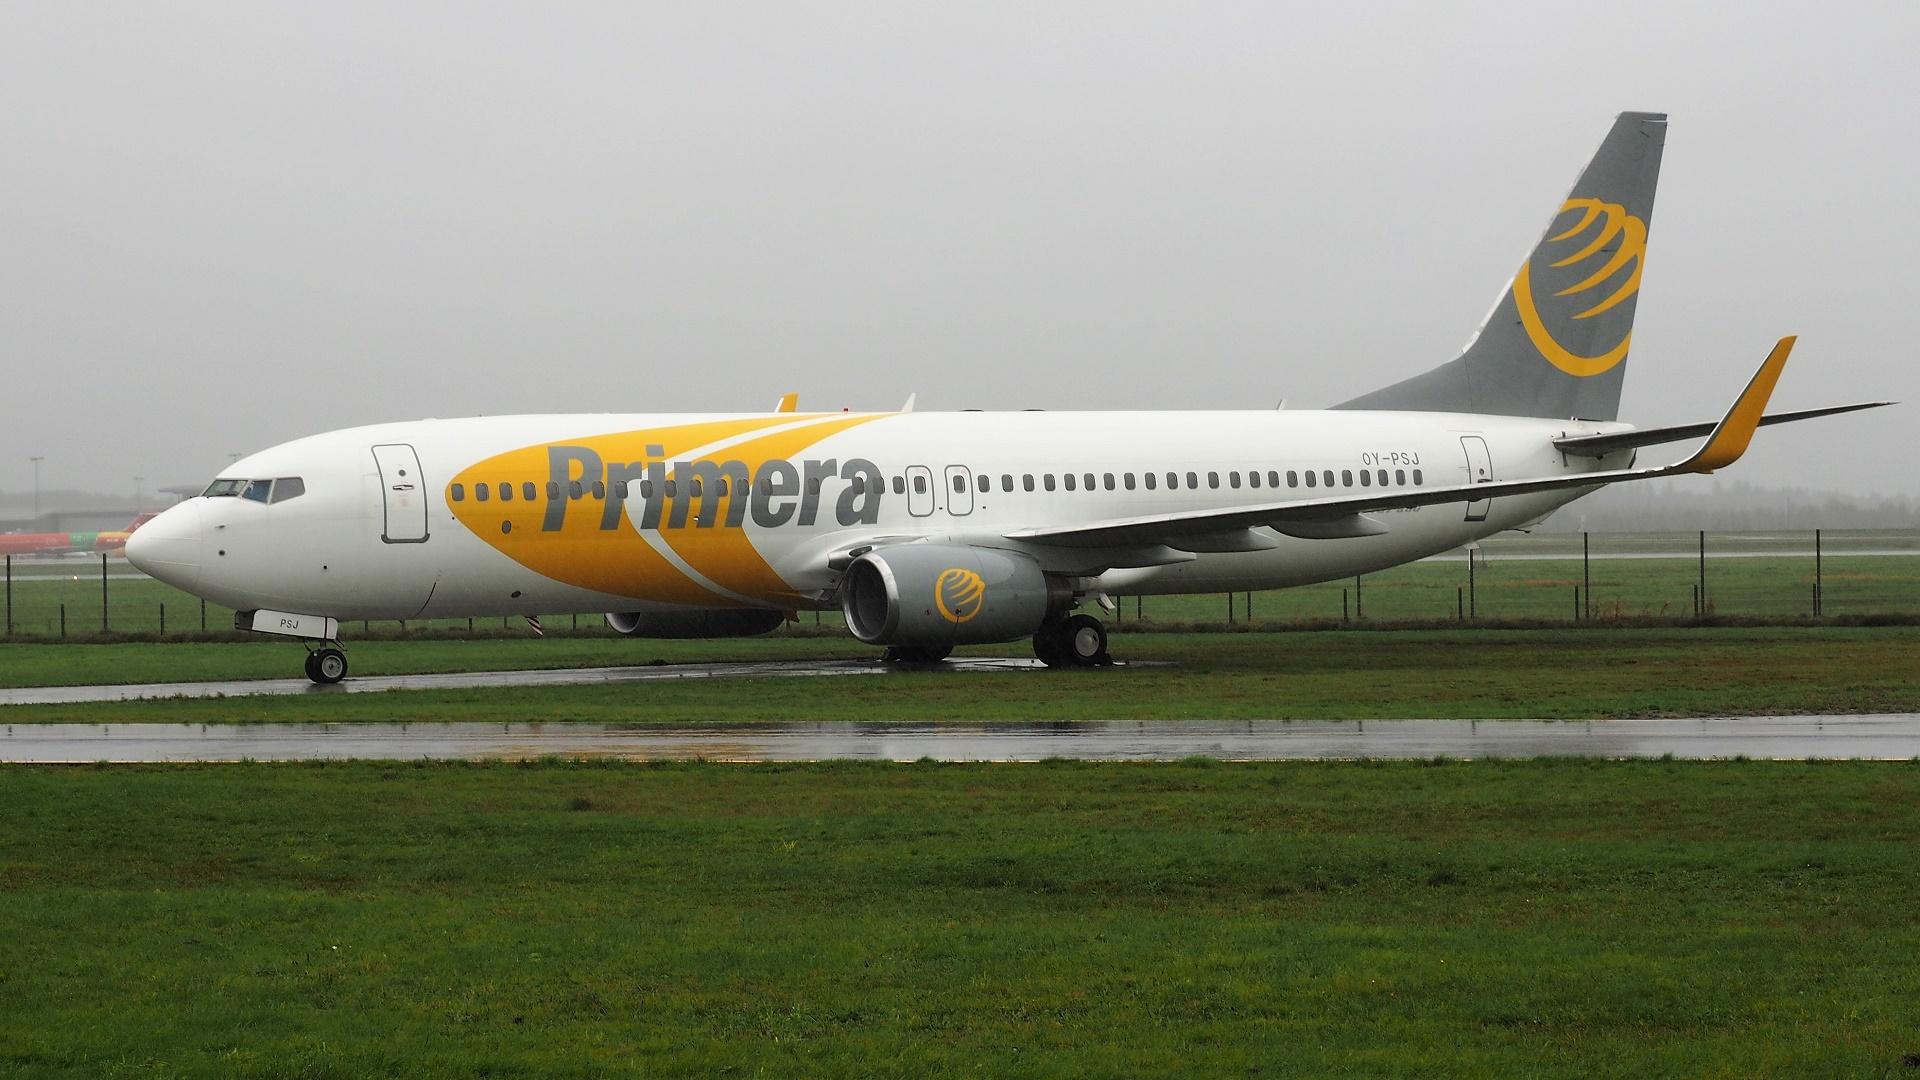 Primera Air´s Boeing 737-800 (OY-PSJ) parkeret i Billund Lufthavn. (Foto: Erik Gjørup Kristensen / SAI Collection)